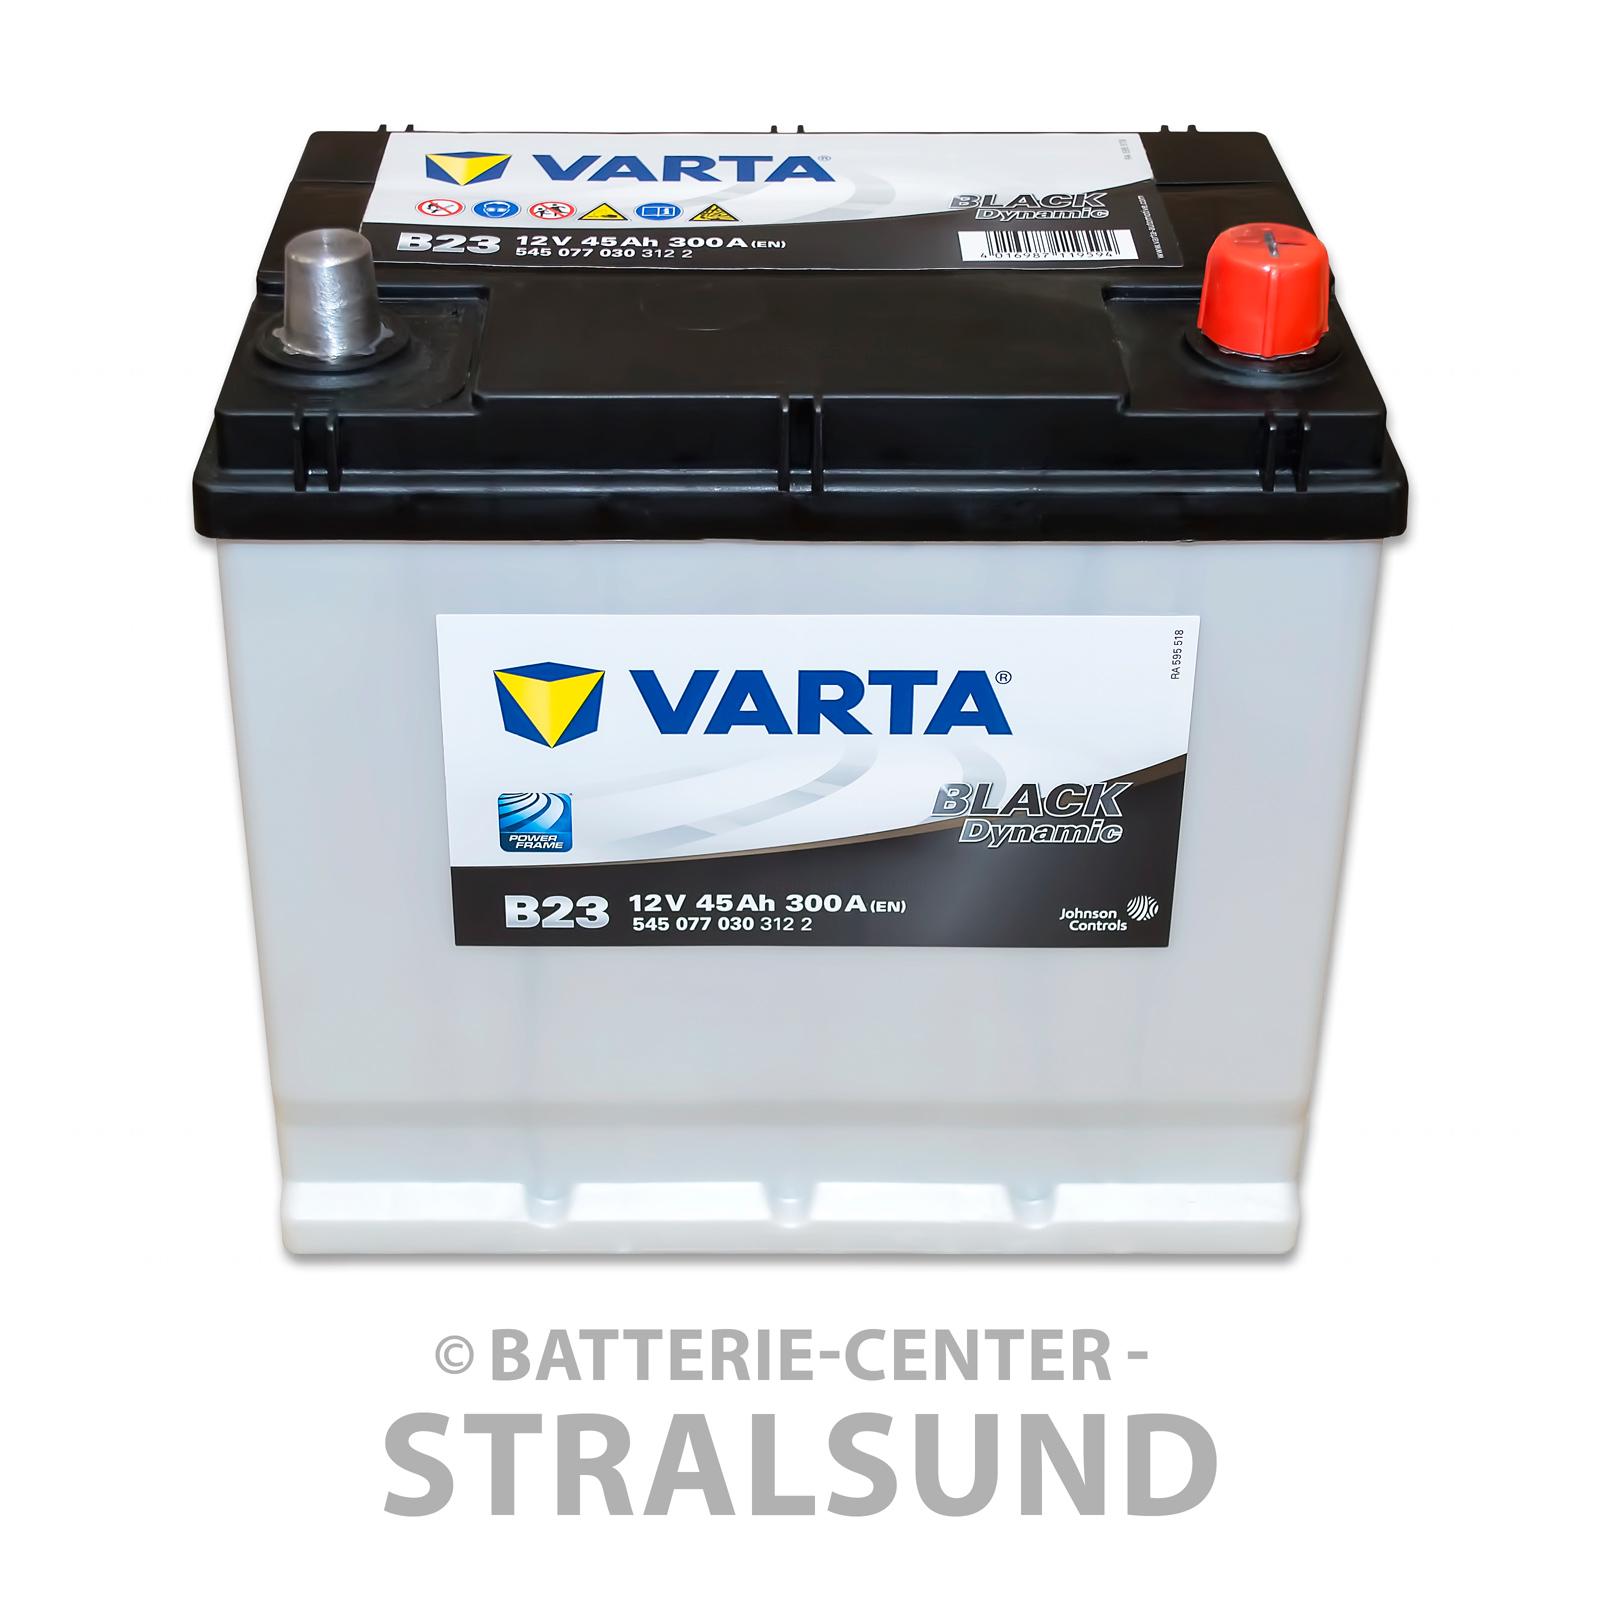 batterie kfz 12 v 45 ah 300 a en varta pkw b23 autobatterie black dynamic. Black Bedroom Furniture Sets. Home Design Ideas